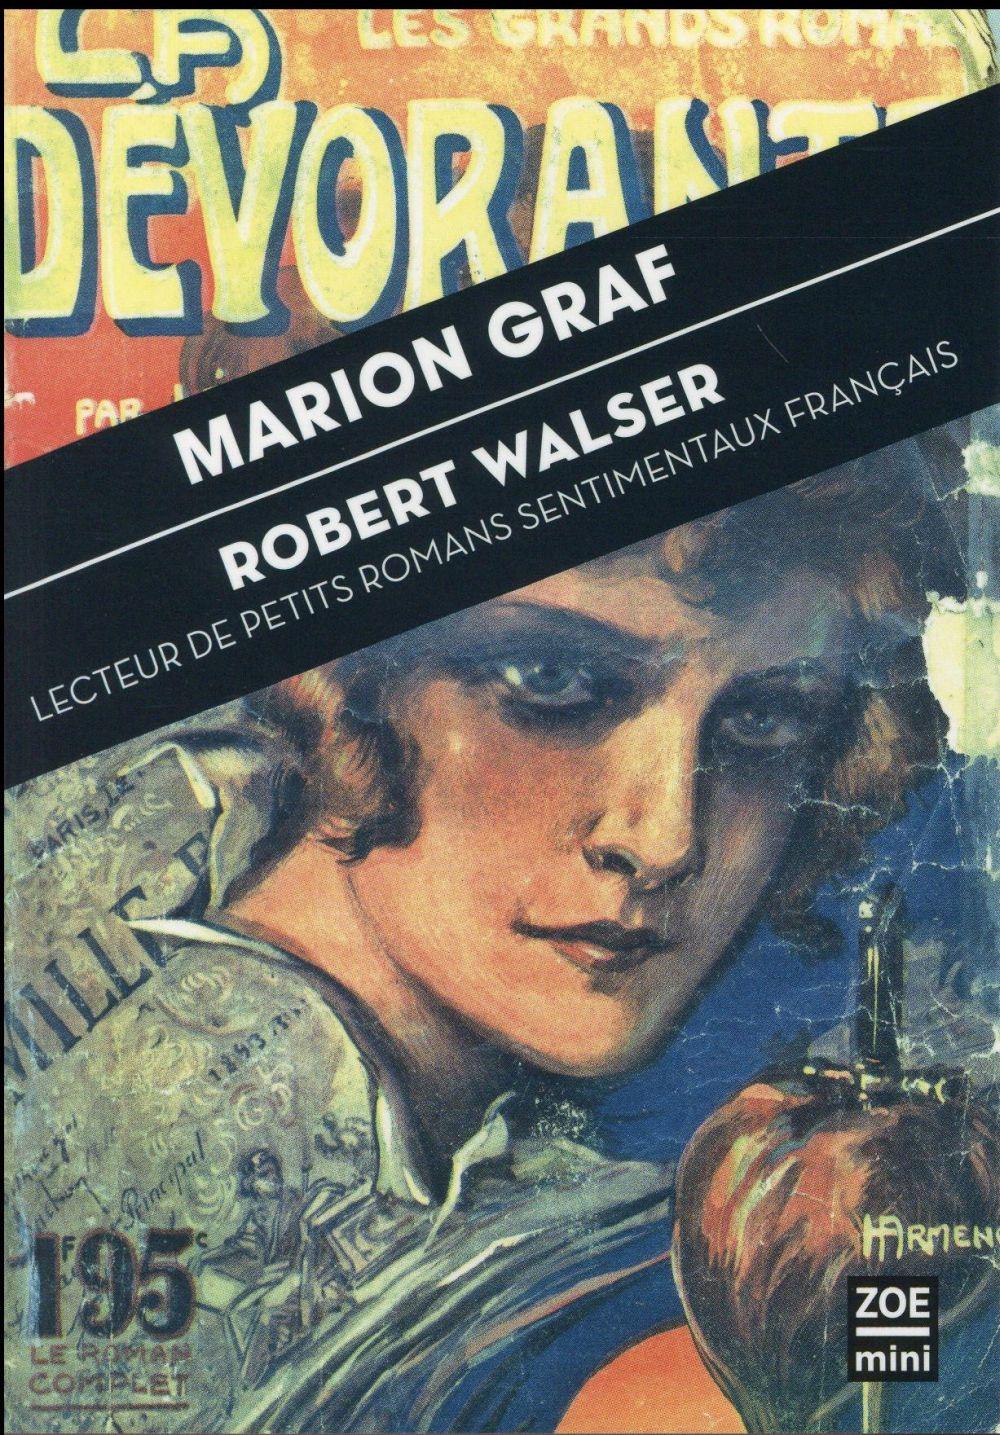 Robert Walser, lecteur de petits romans sentimentaux français ; essai accompagné de trois inédits de Robert Welser